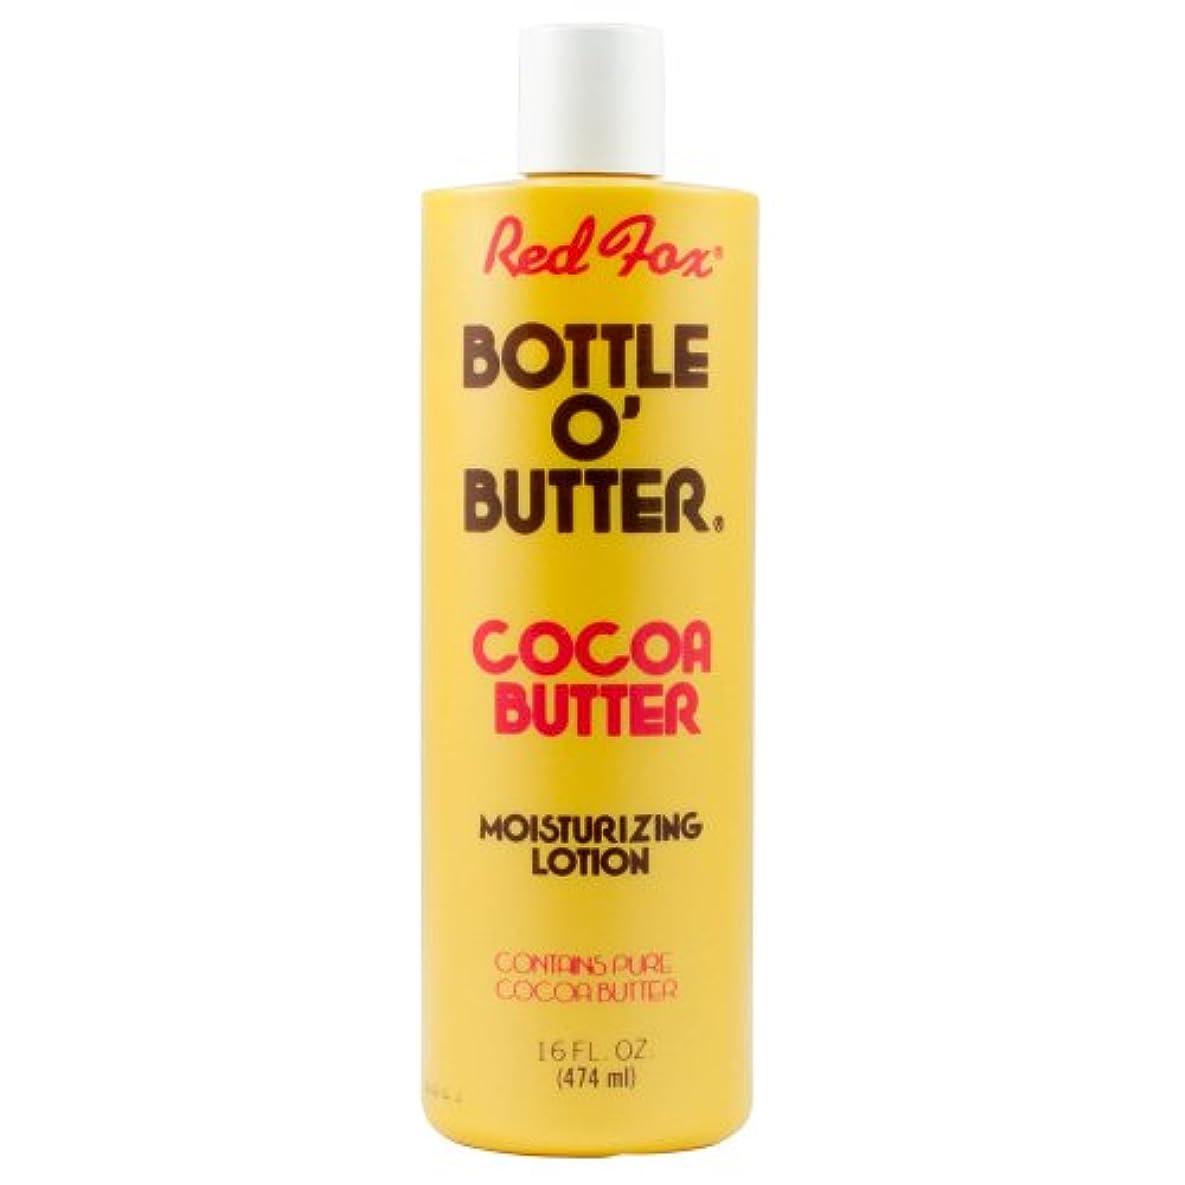 課税同様にストレスの多いRed Fox Bottle O'Butter Cocoa Butter Lotion 475 ml (並行輸入品)